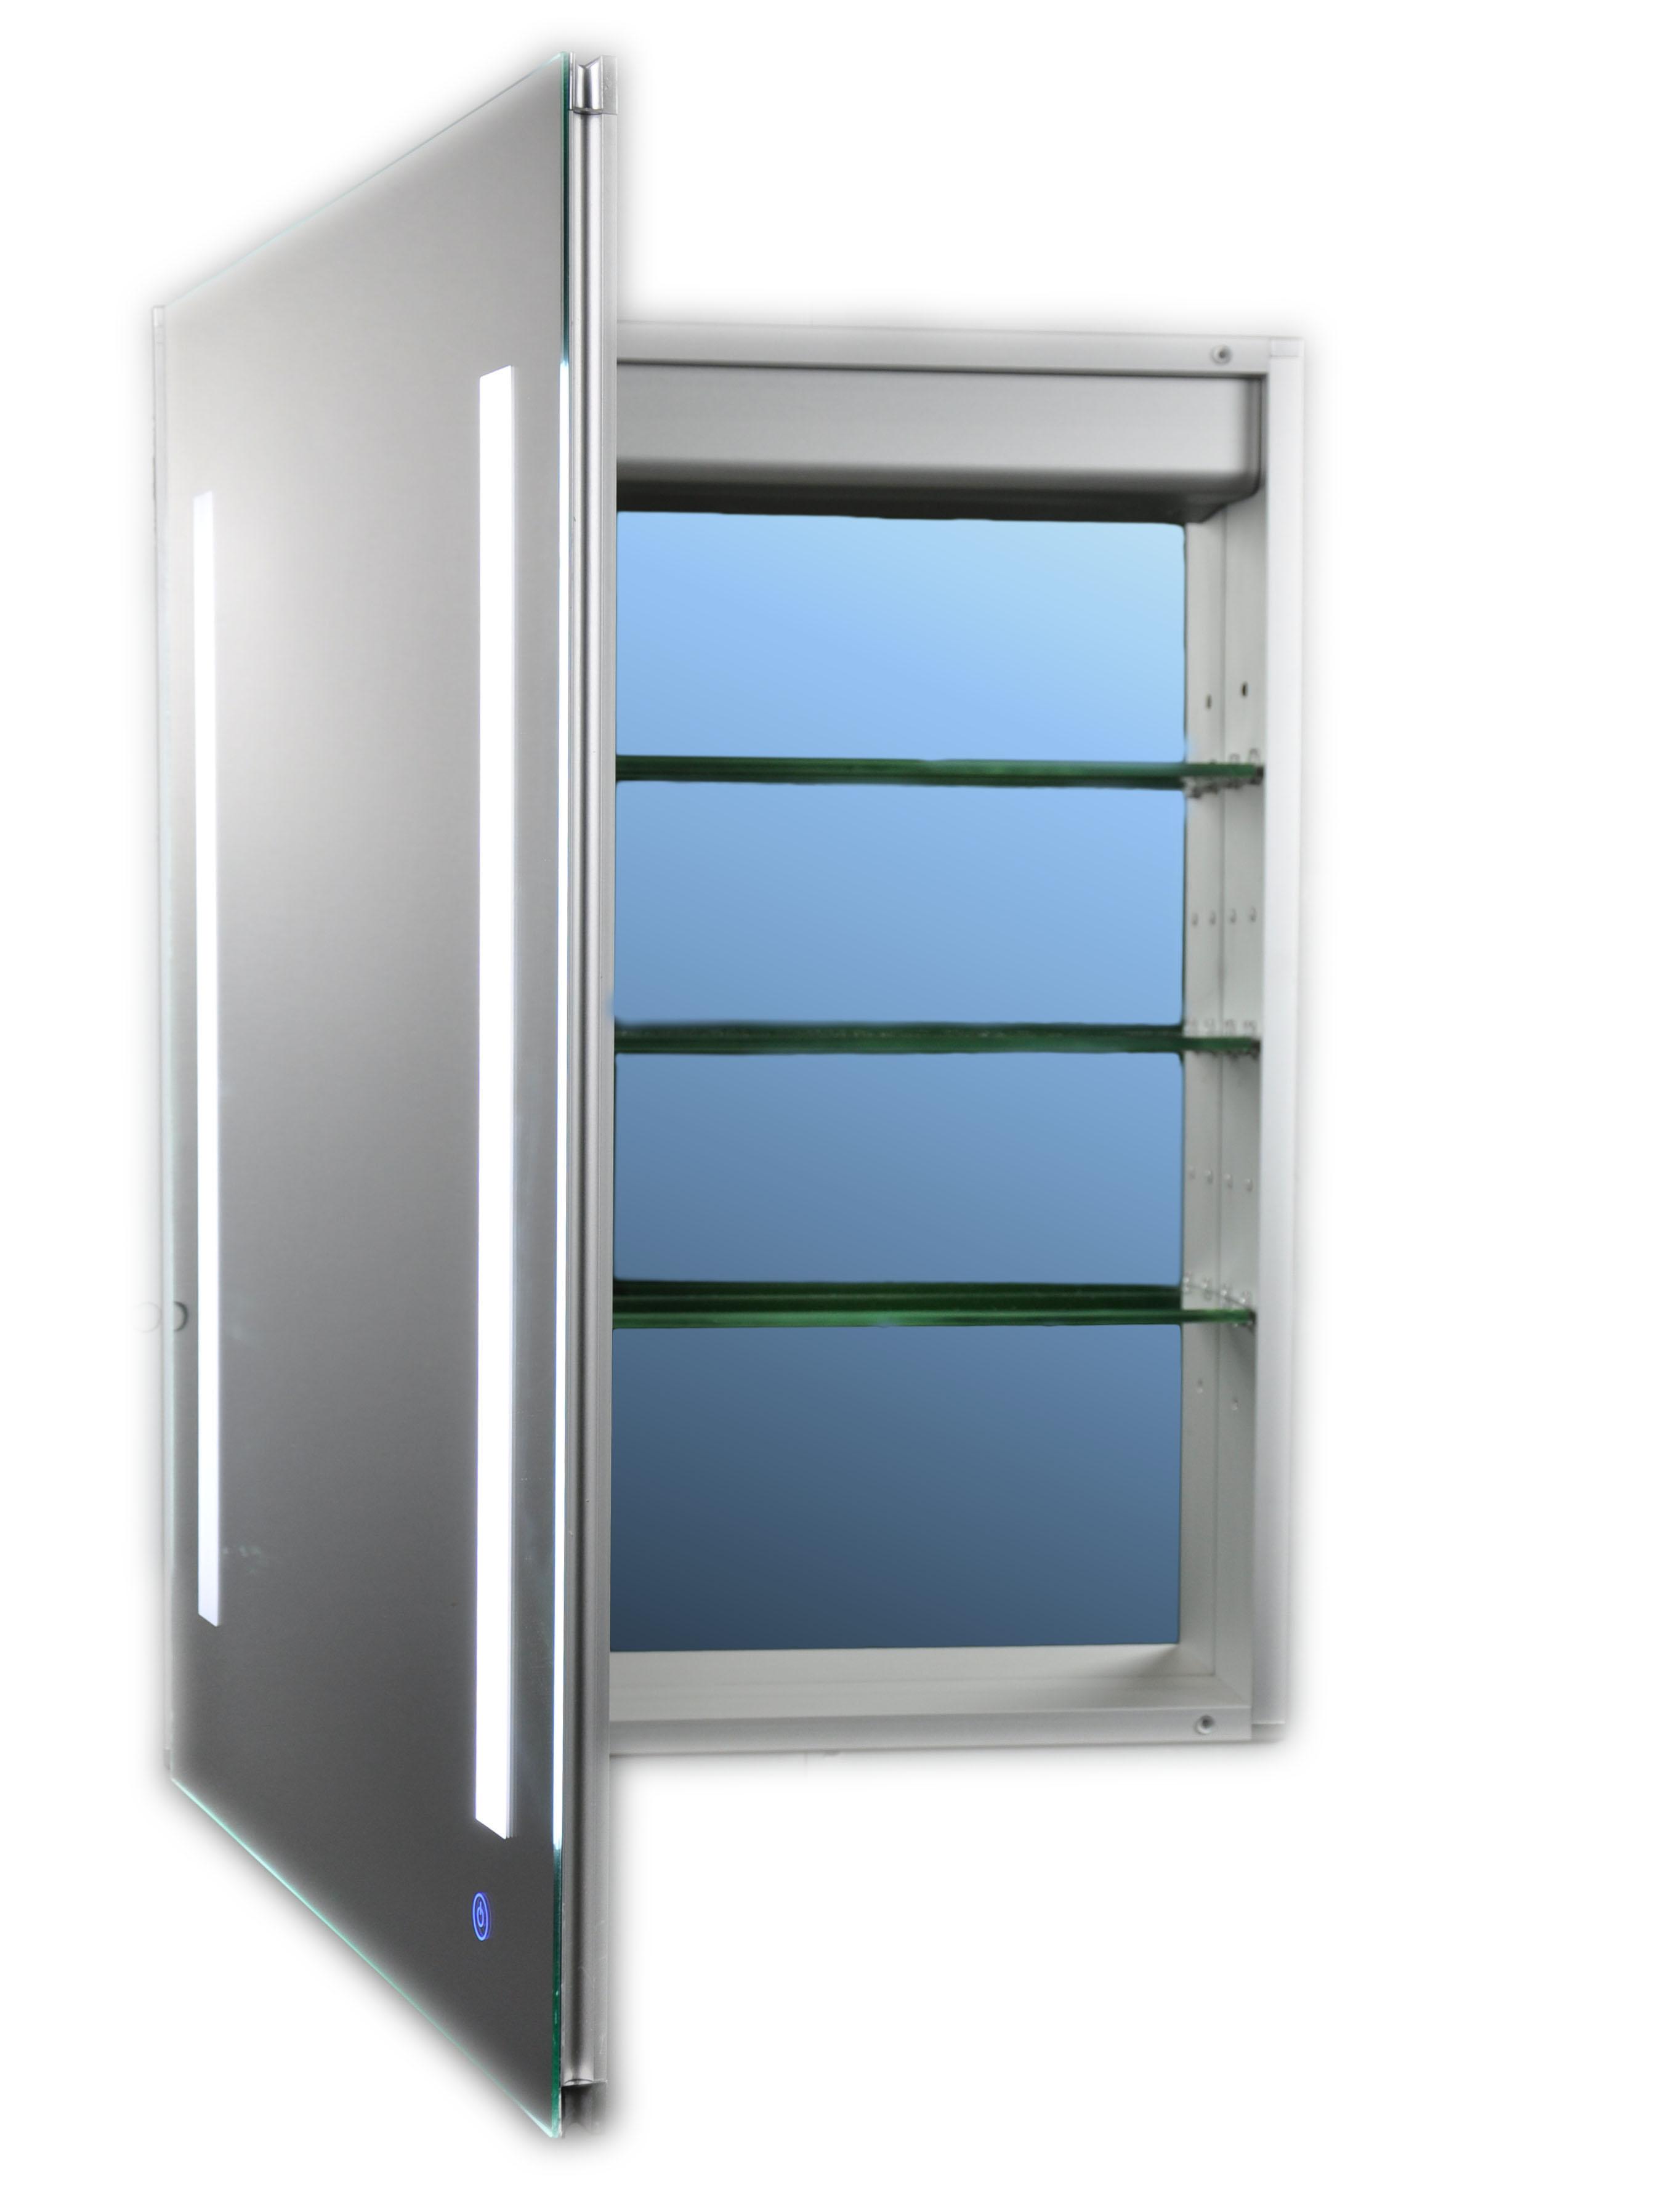 SRP2430 FRONT OPEN DOOR